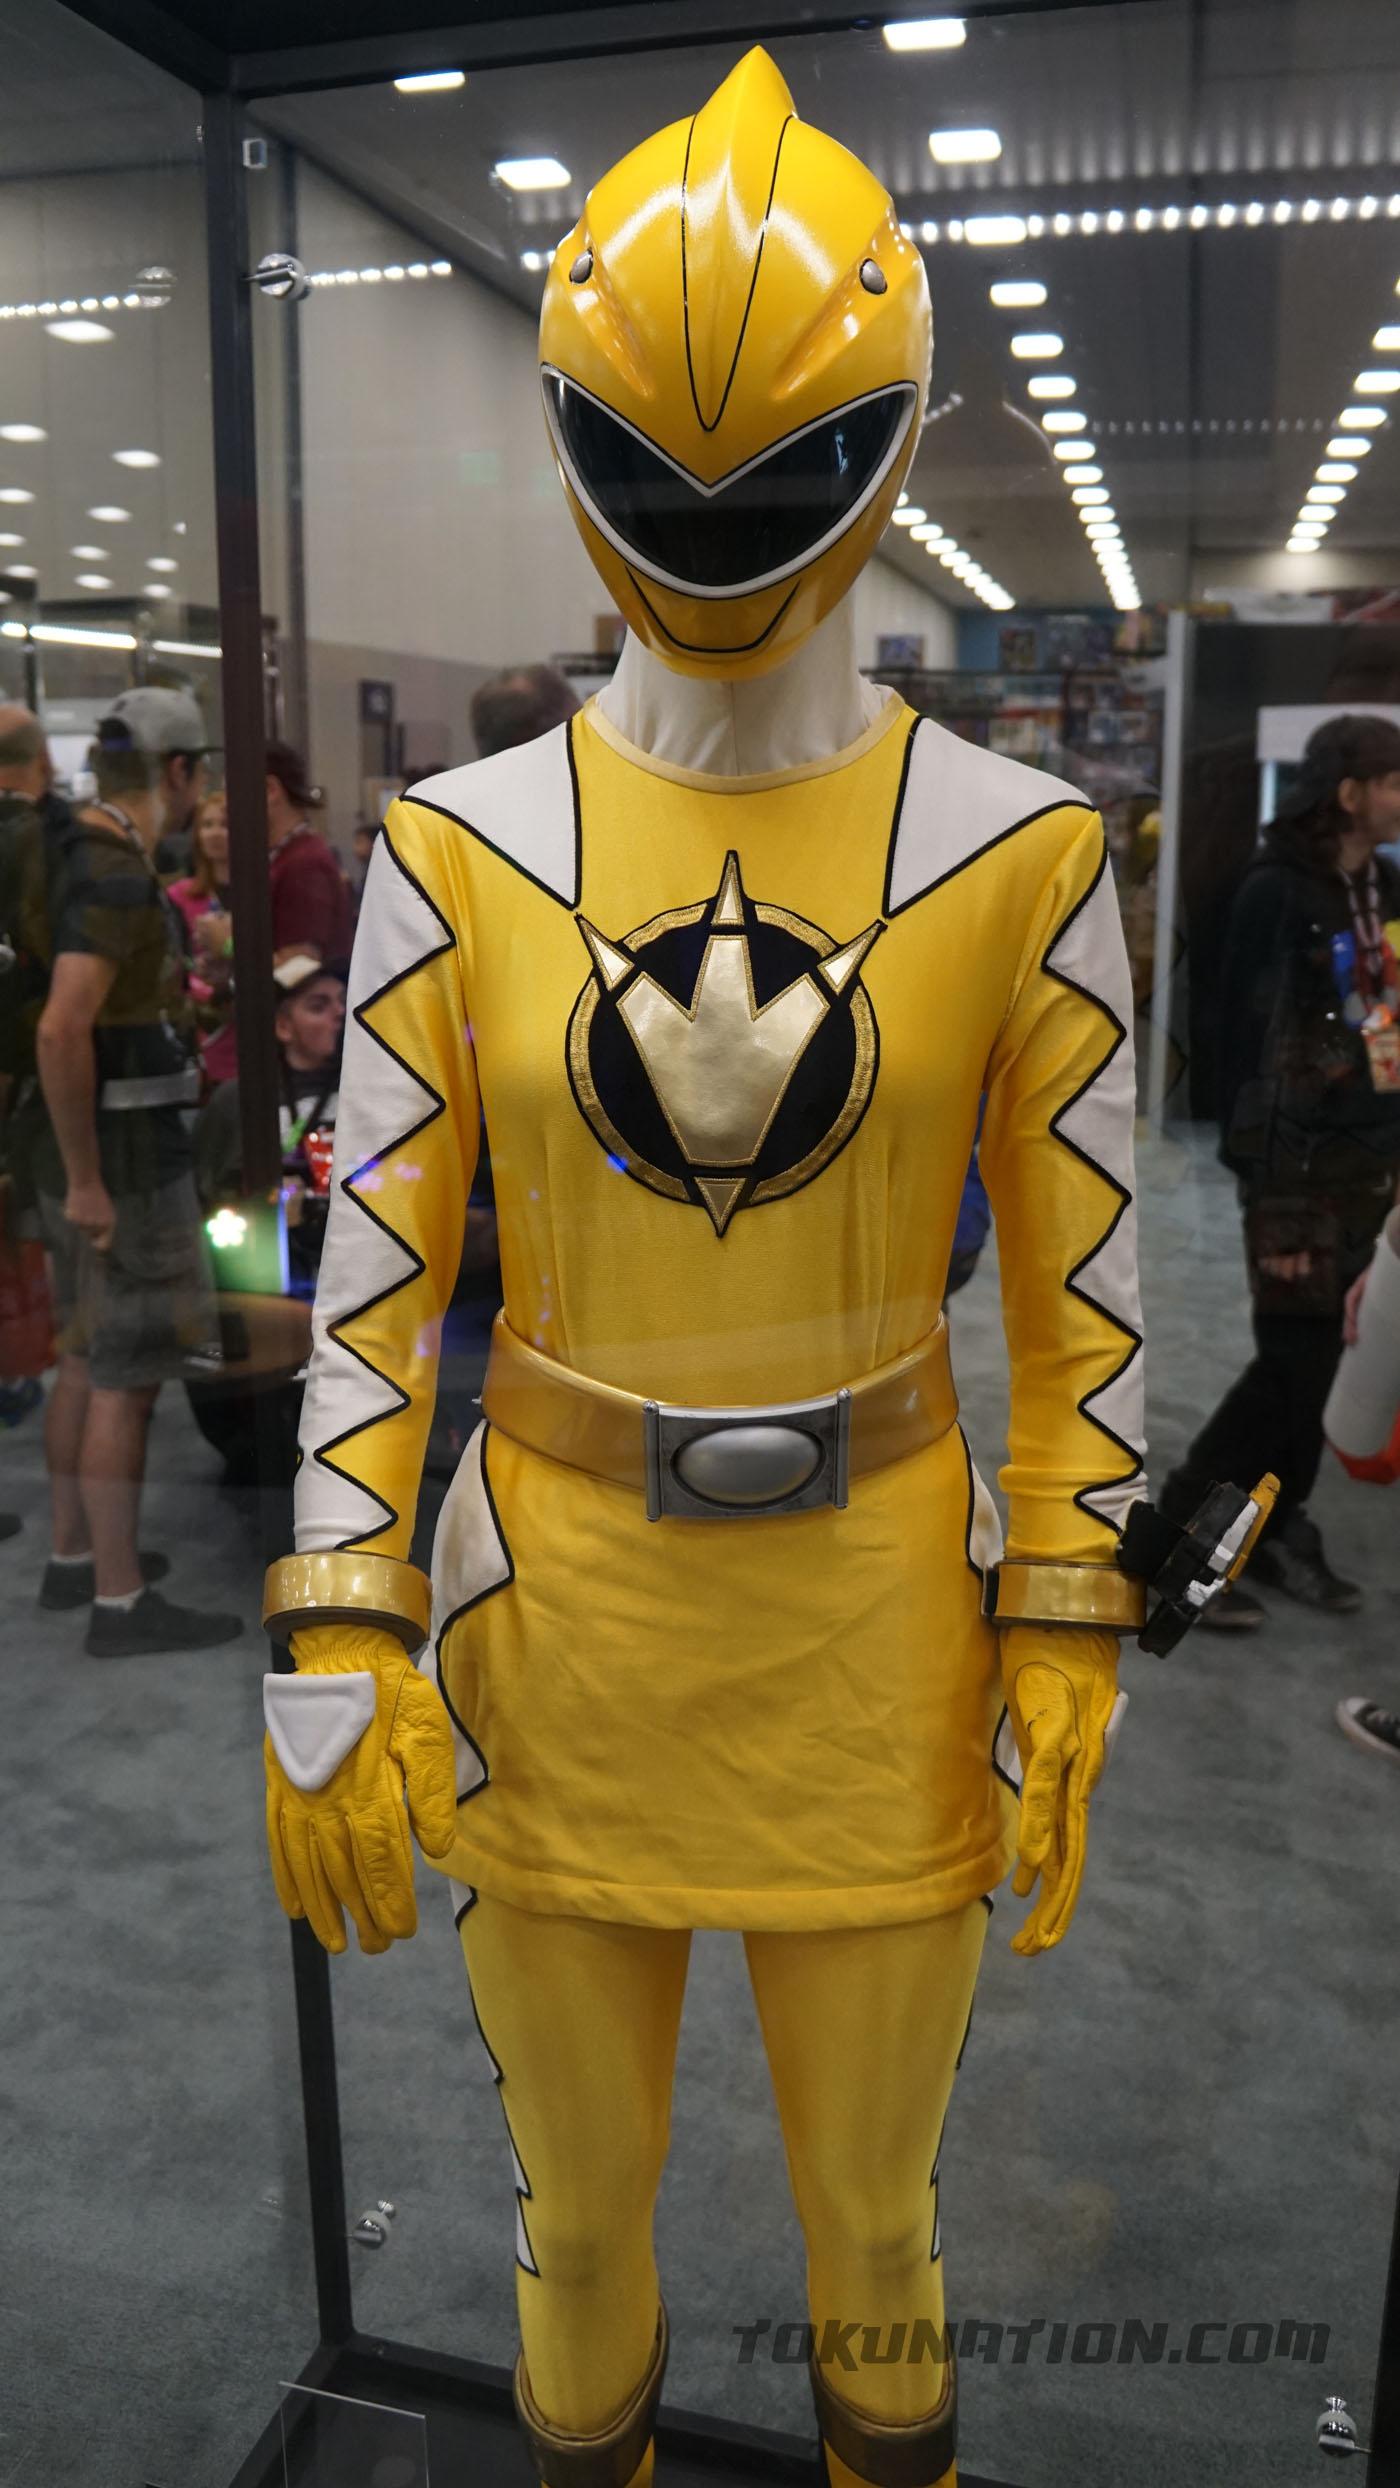 Power Morphicon Legendary Rangers Costume Displays